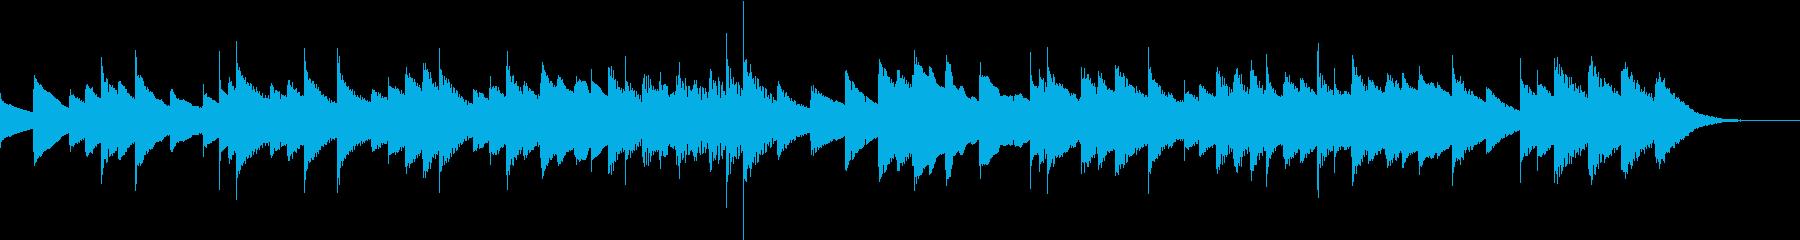 悲しいオルゴールのワルツの再生済みの波形